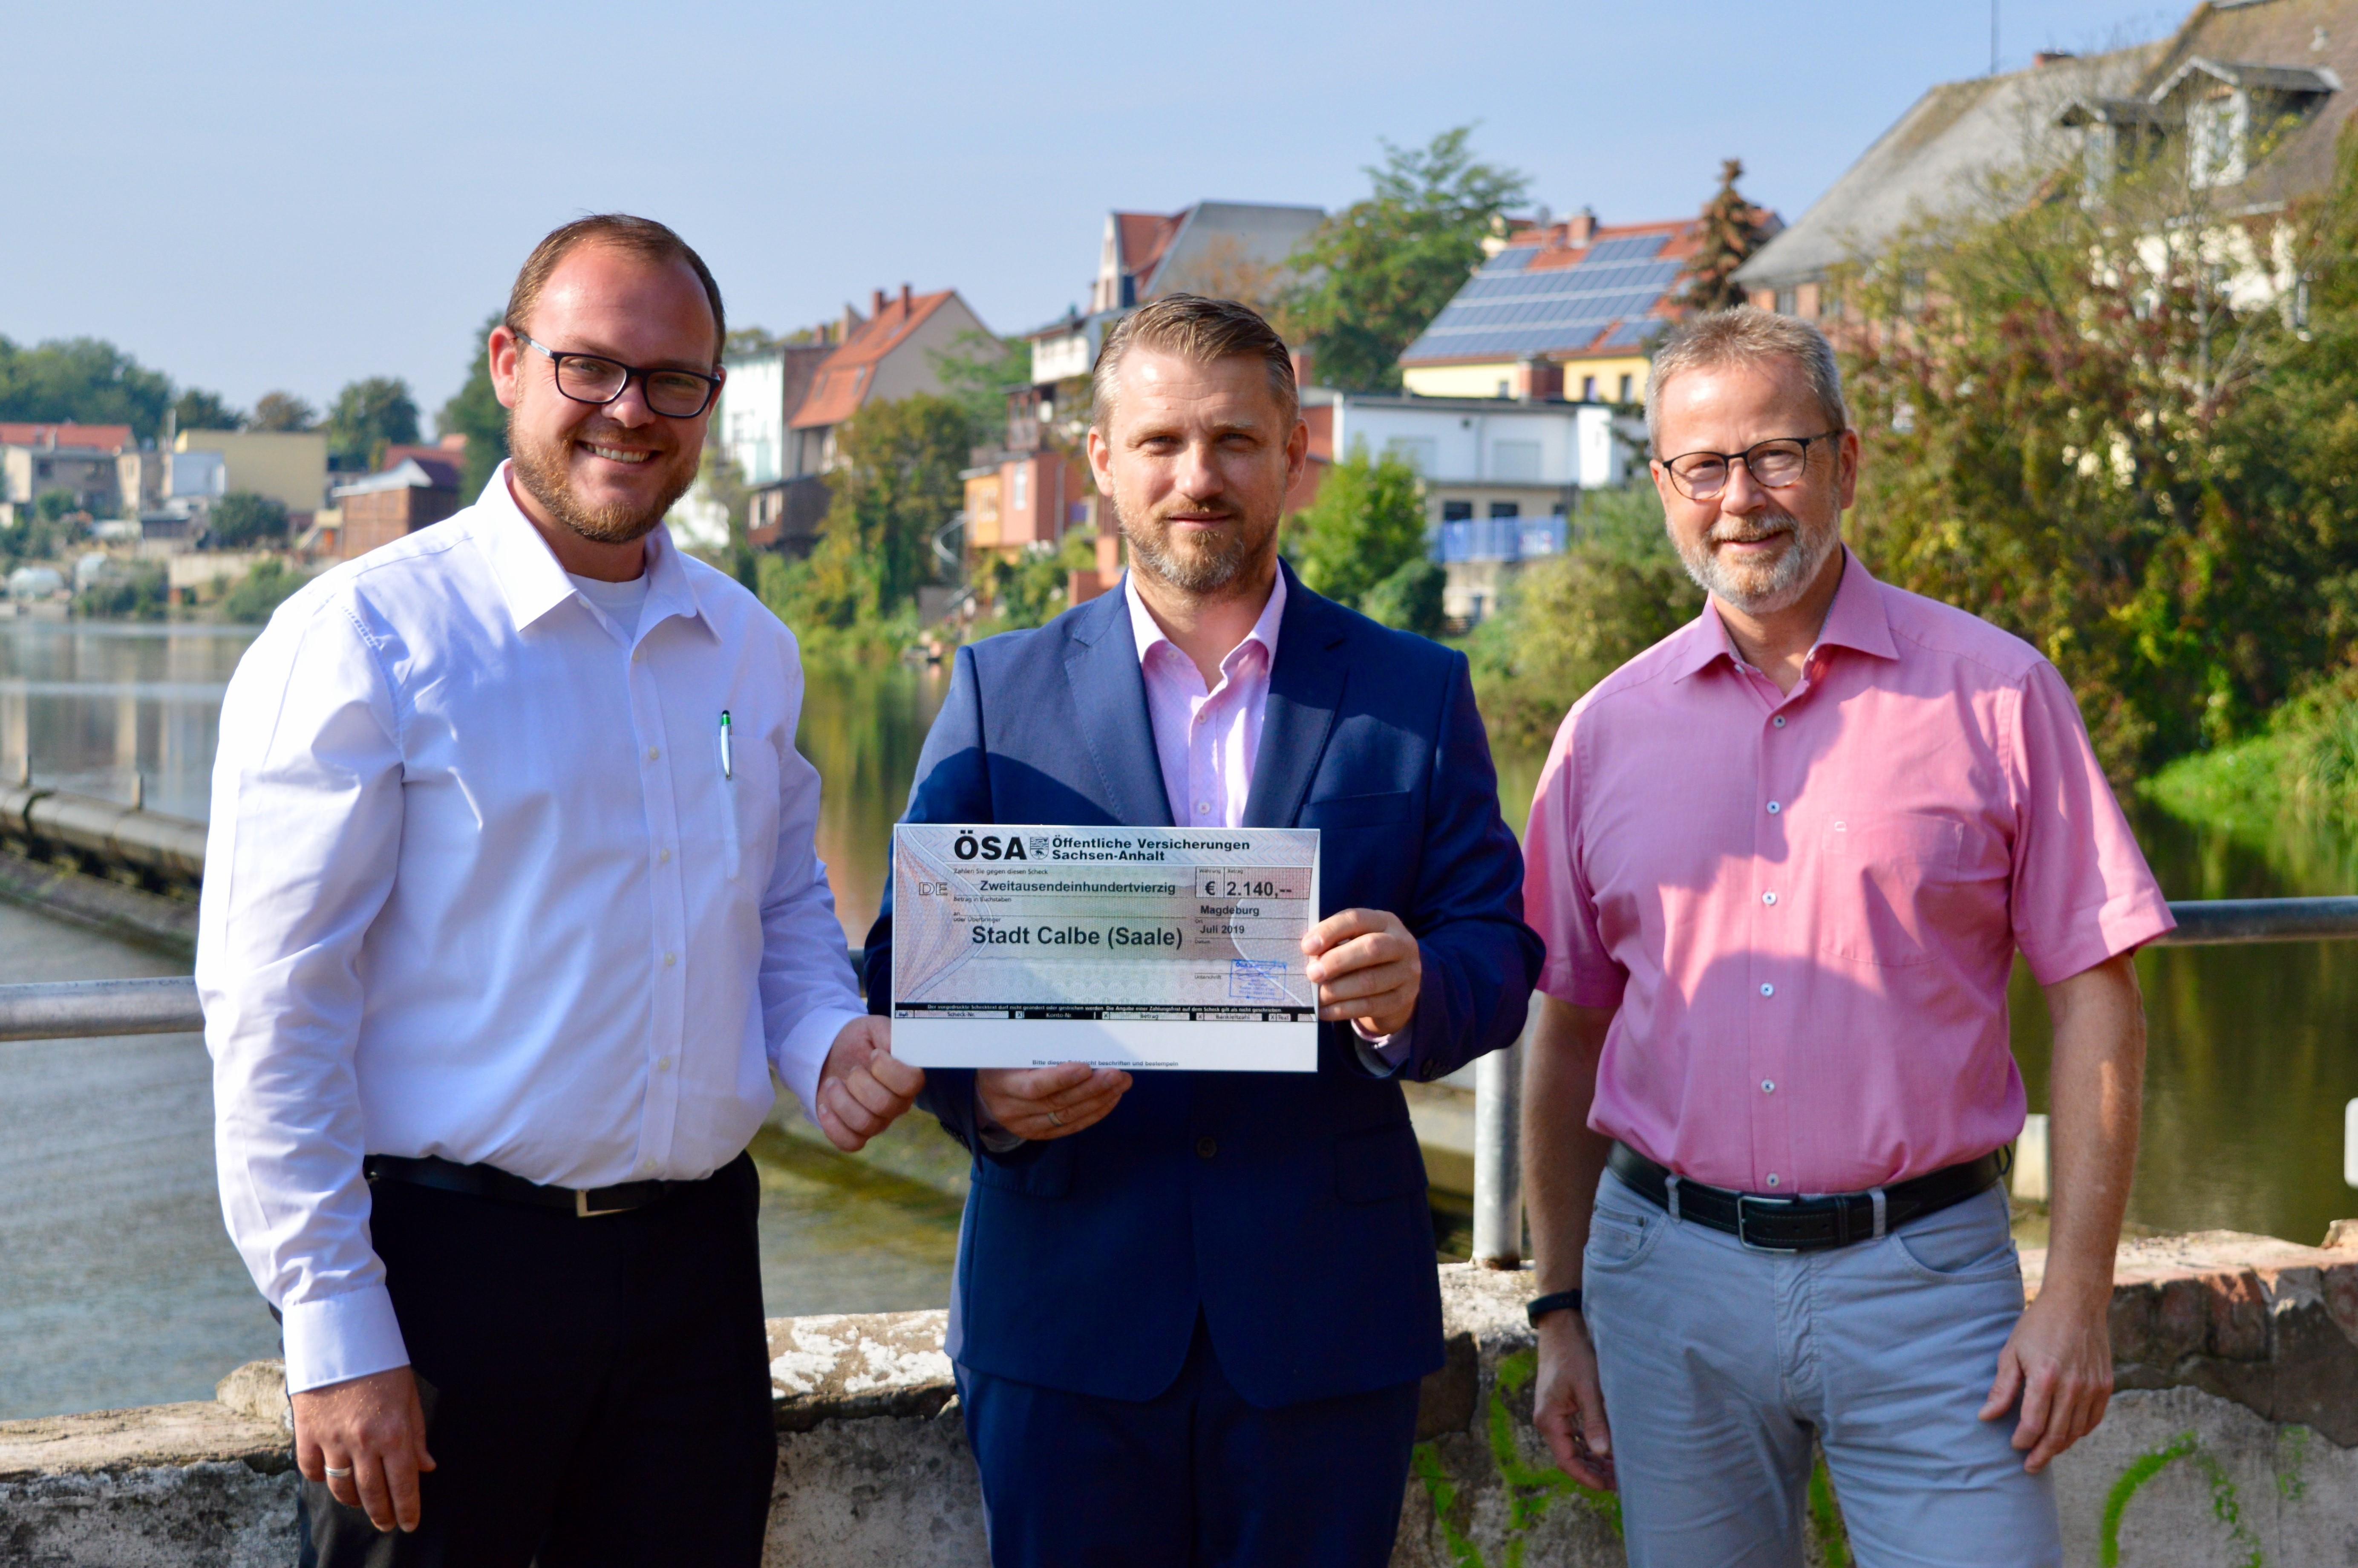 v.l. ÖSA-Agenturleiter Stefan Riemann, Bürgermeister Sven und ÖSA Gebietsleiter Holger Günther bei der symbolischen Scheckübergabe.